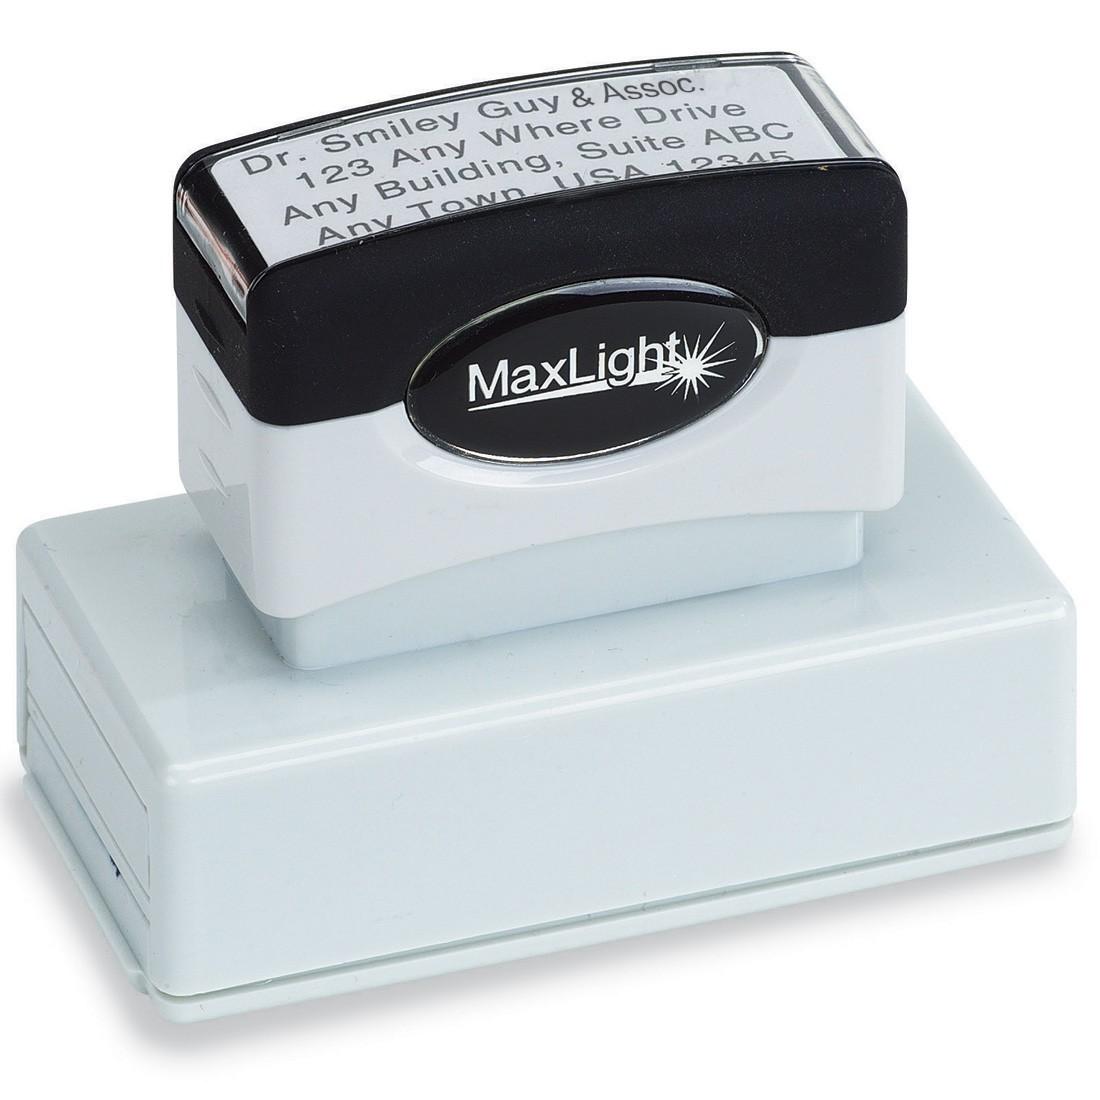 Custom 4 Line Address Stamp [image]